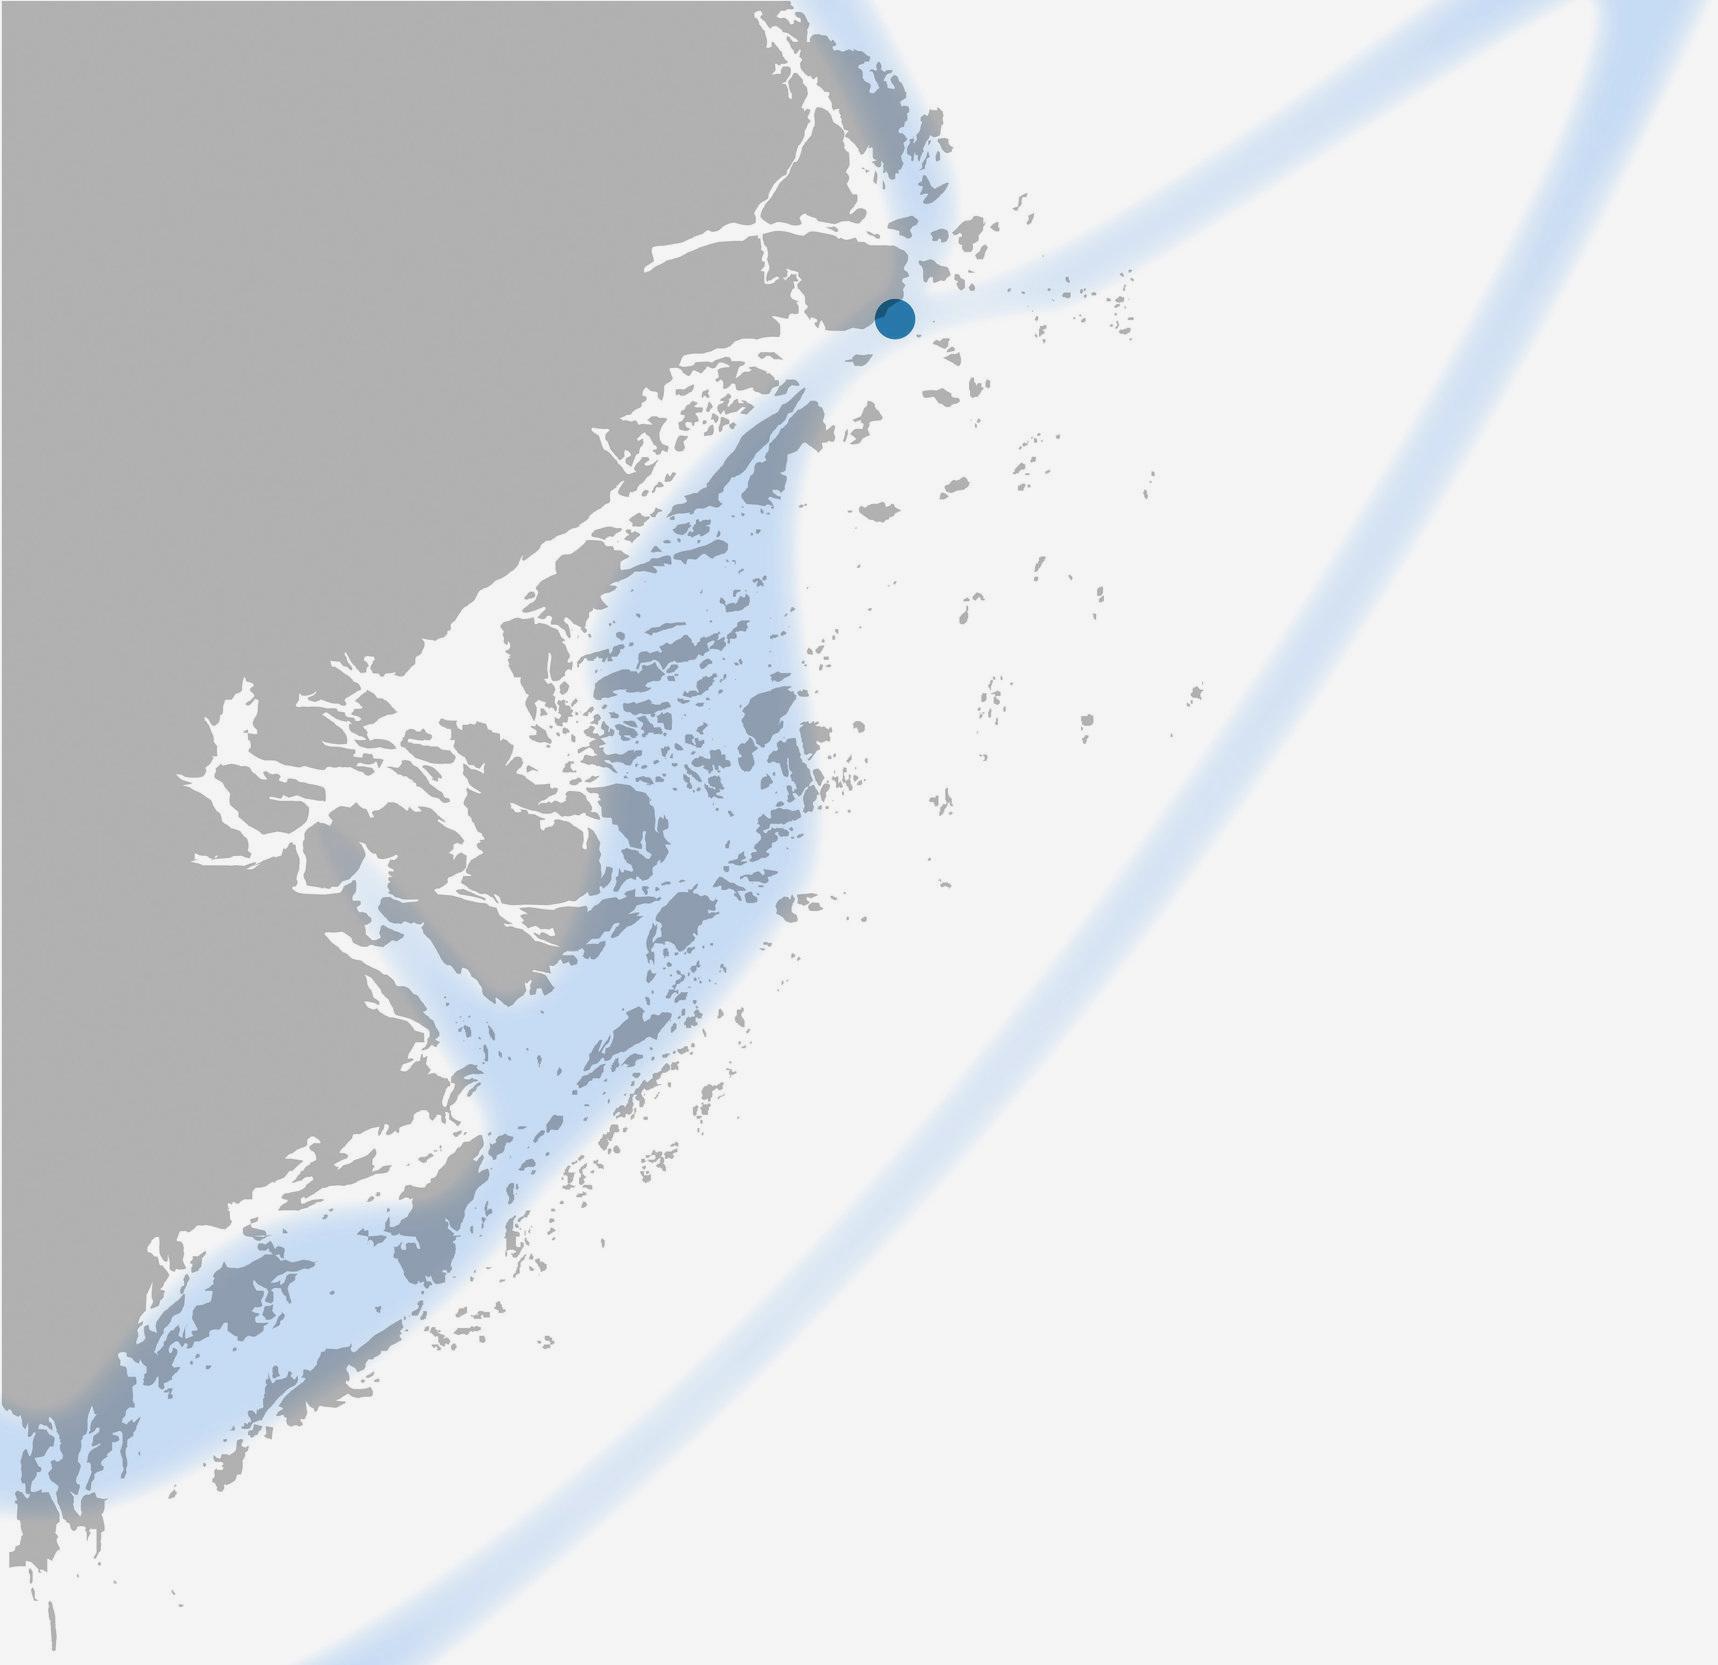 Den ryska flottans väg söderut, 12–18 juli. ©Brända hemman/Gunnar Lind.